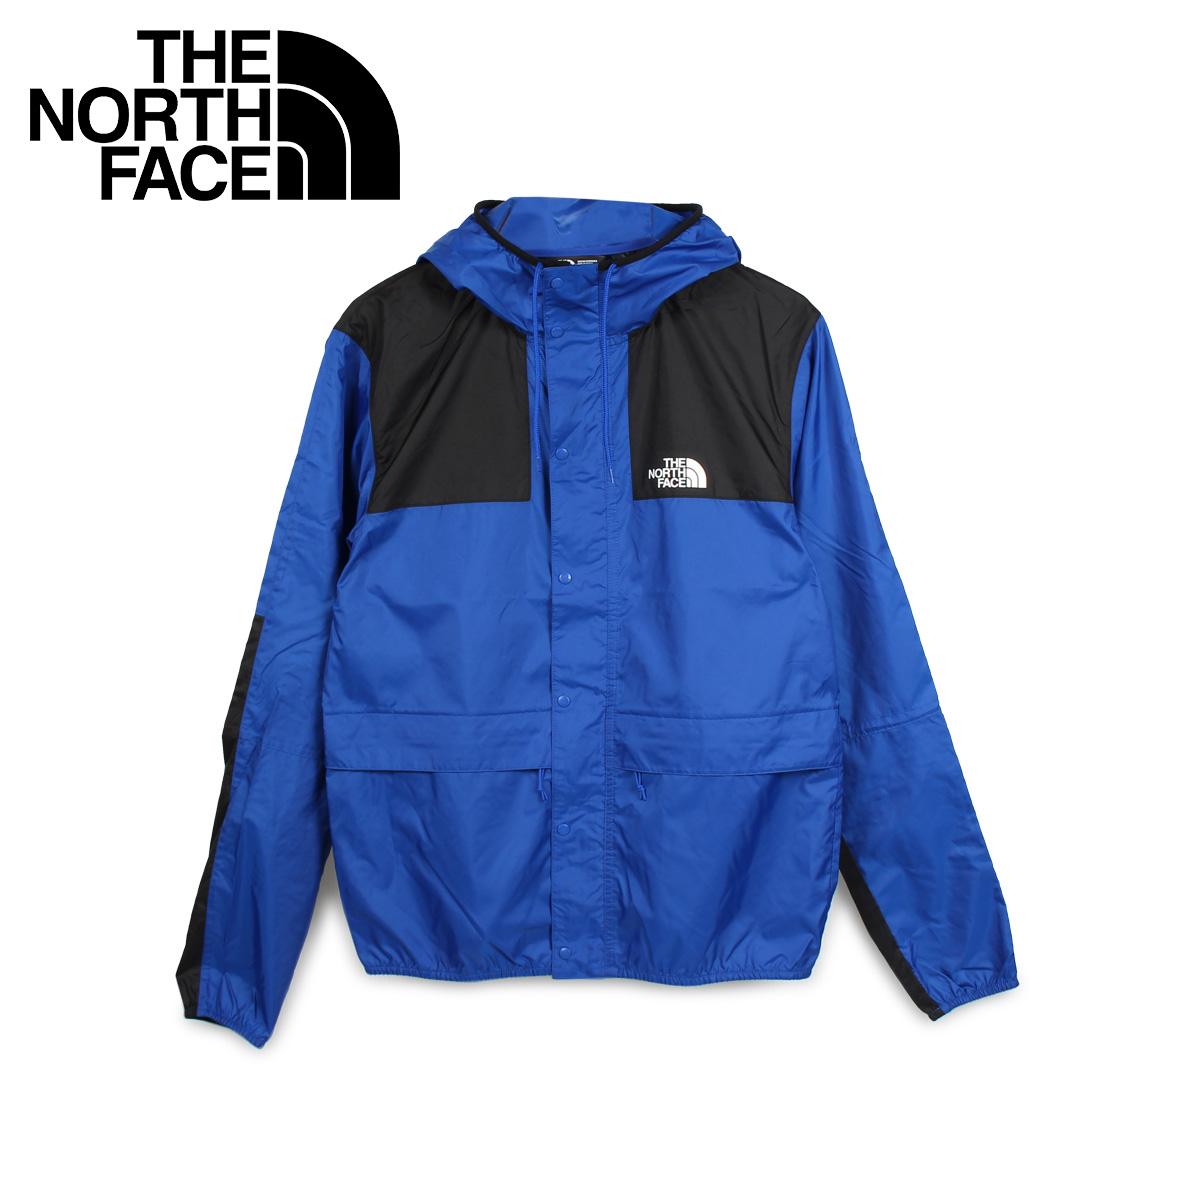 THE NORTH FACE ノースフェイス ジャケット マウンテンジャケット メンズ MENS 1985 SEASONAL MOUNTAIN JACKET ブルー T0CH37